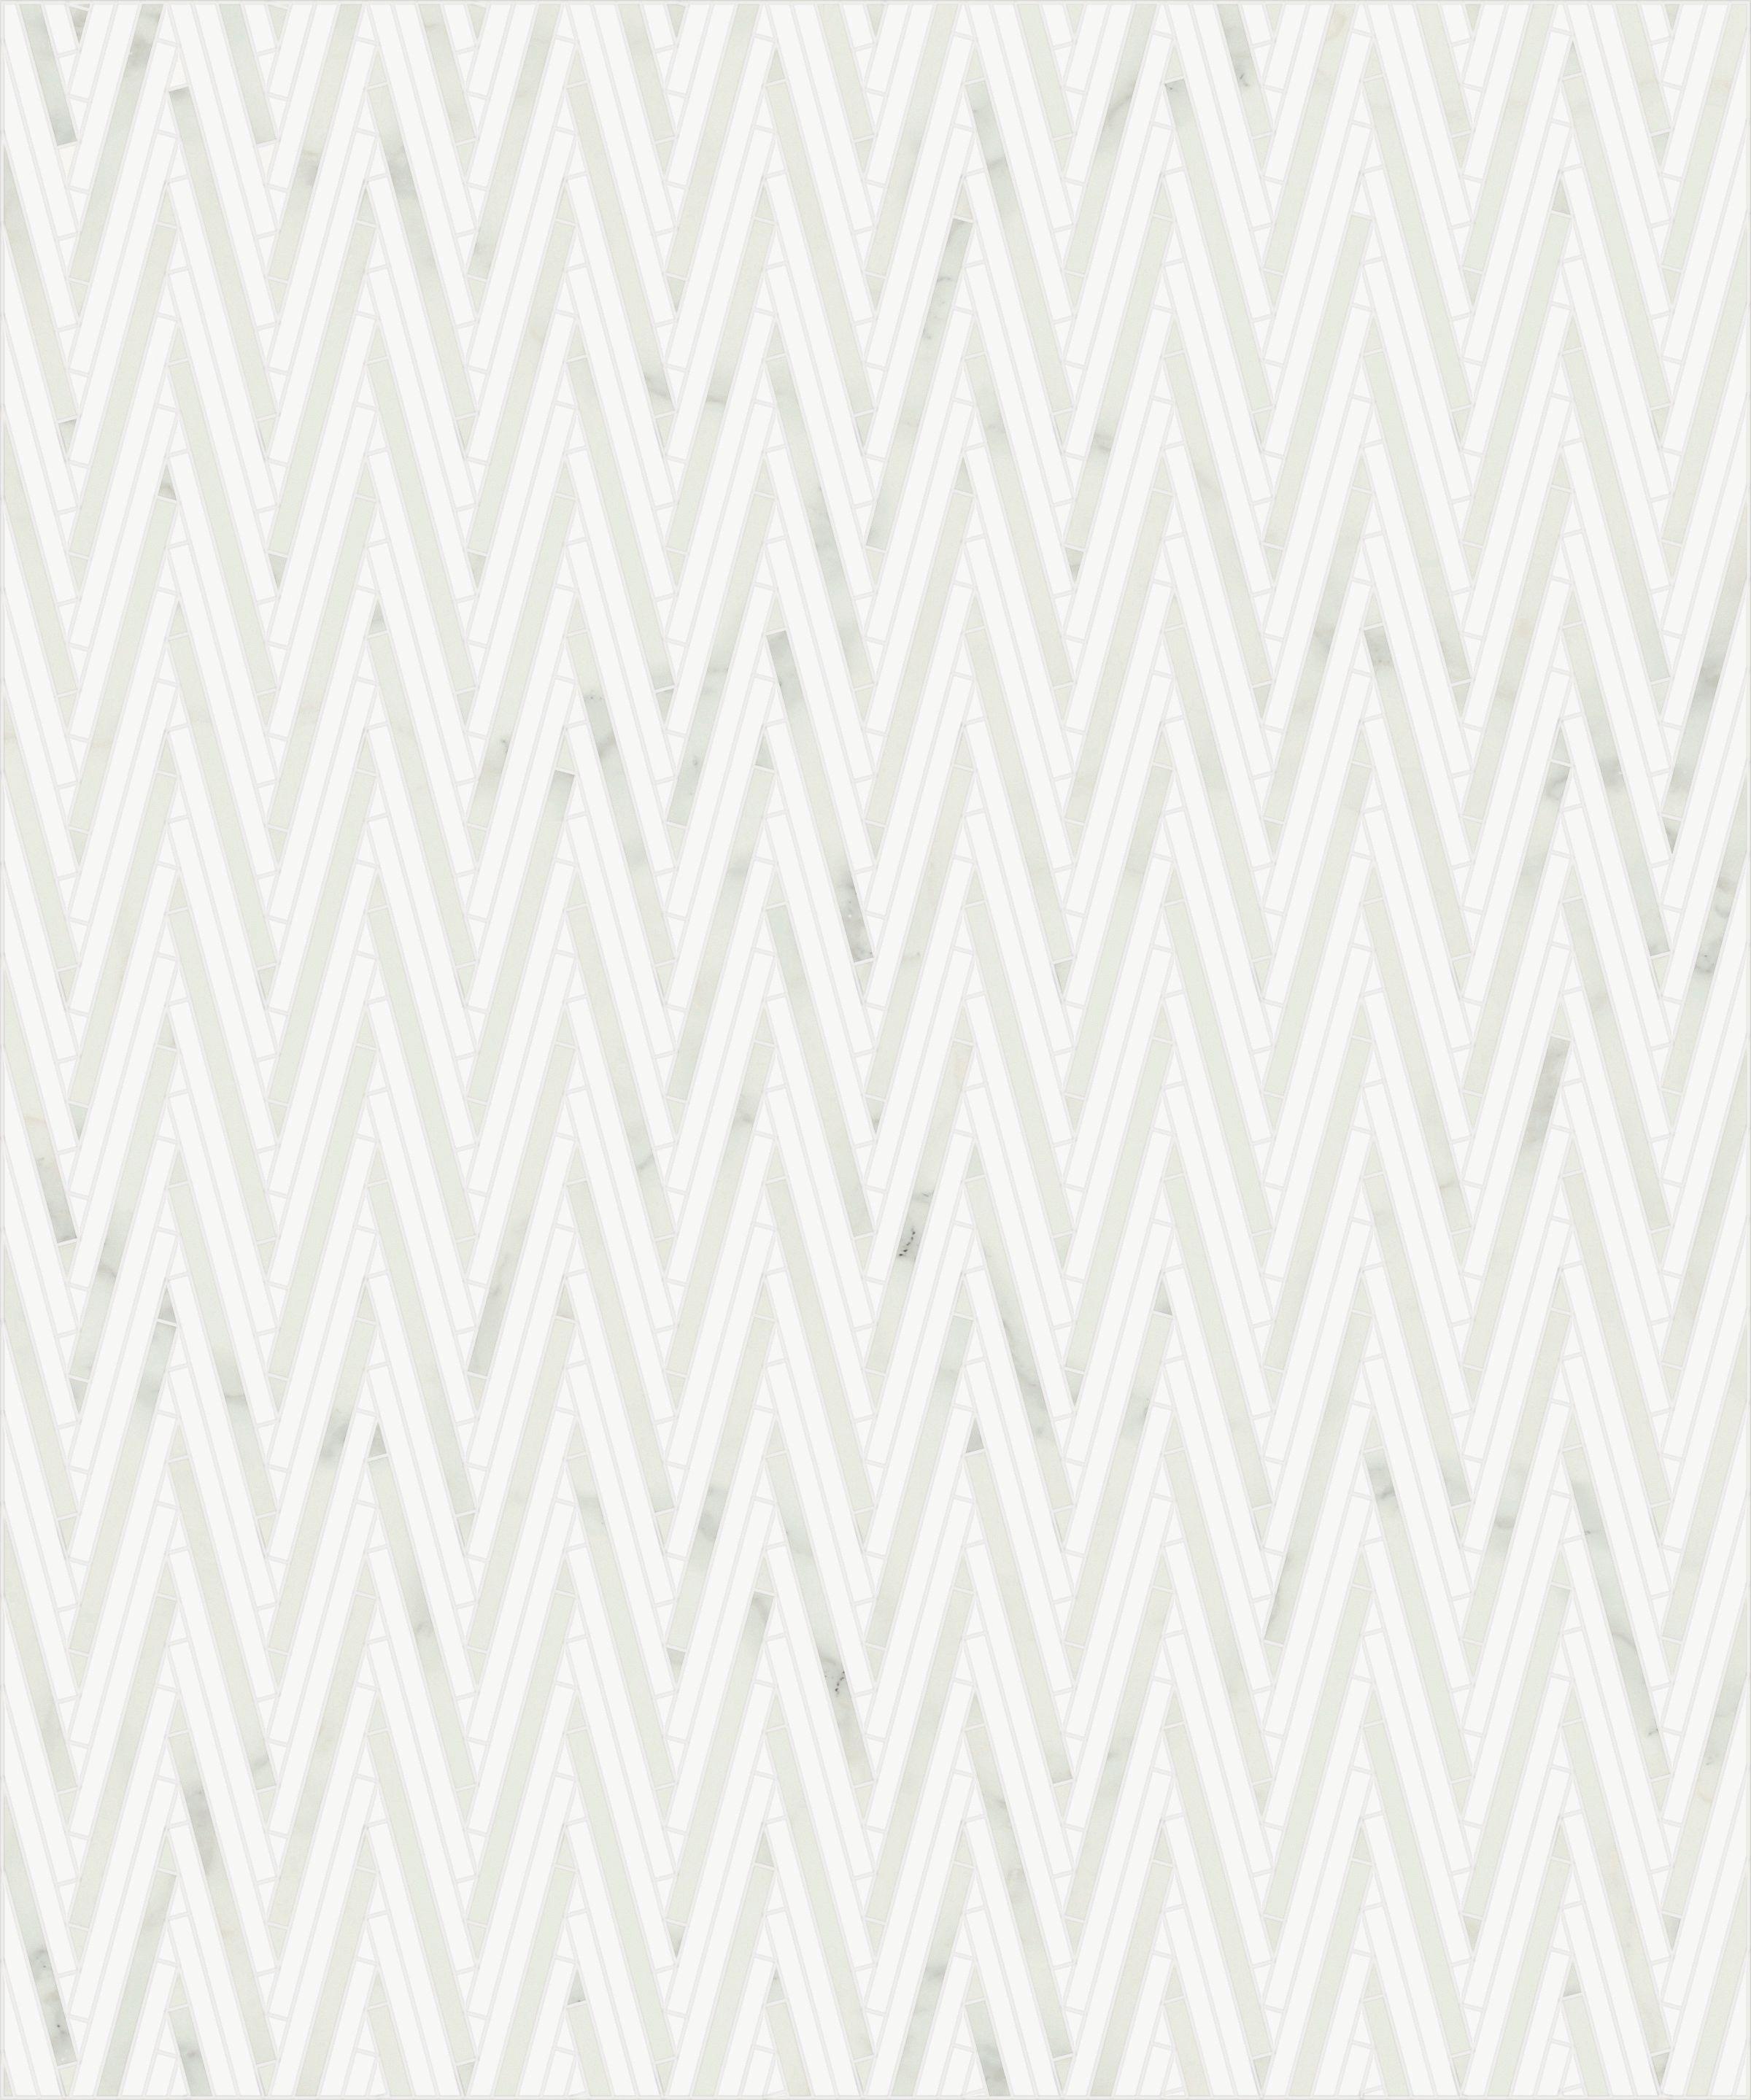 Tolle Küchenwandfliesen Design Textur Zeitgenössisch - Ideen Für Die ...